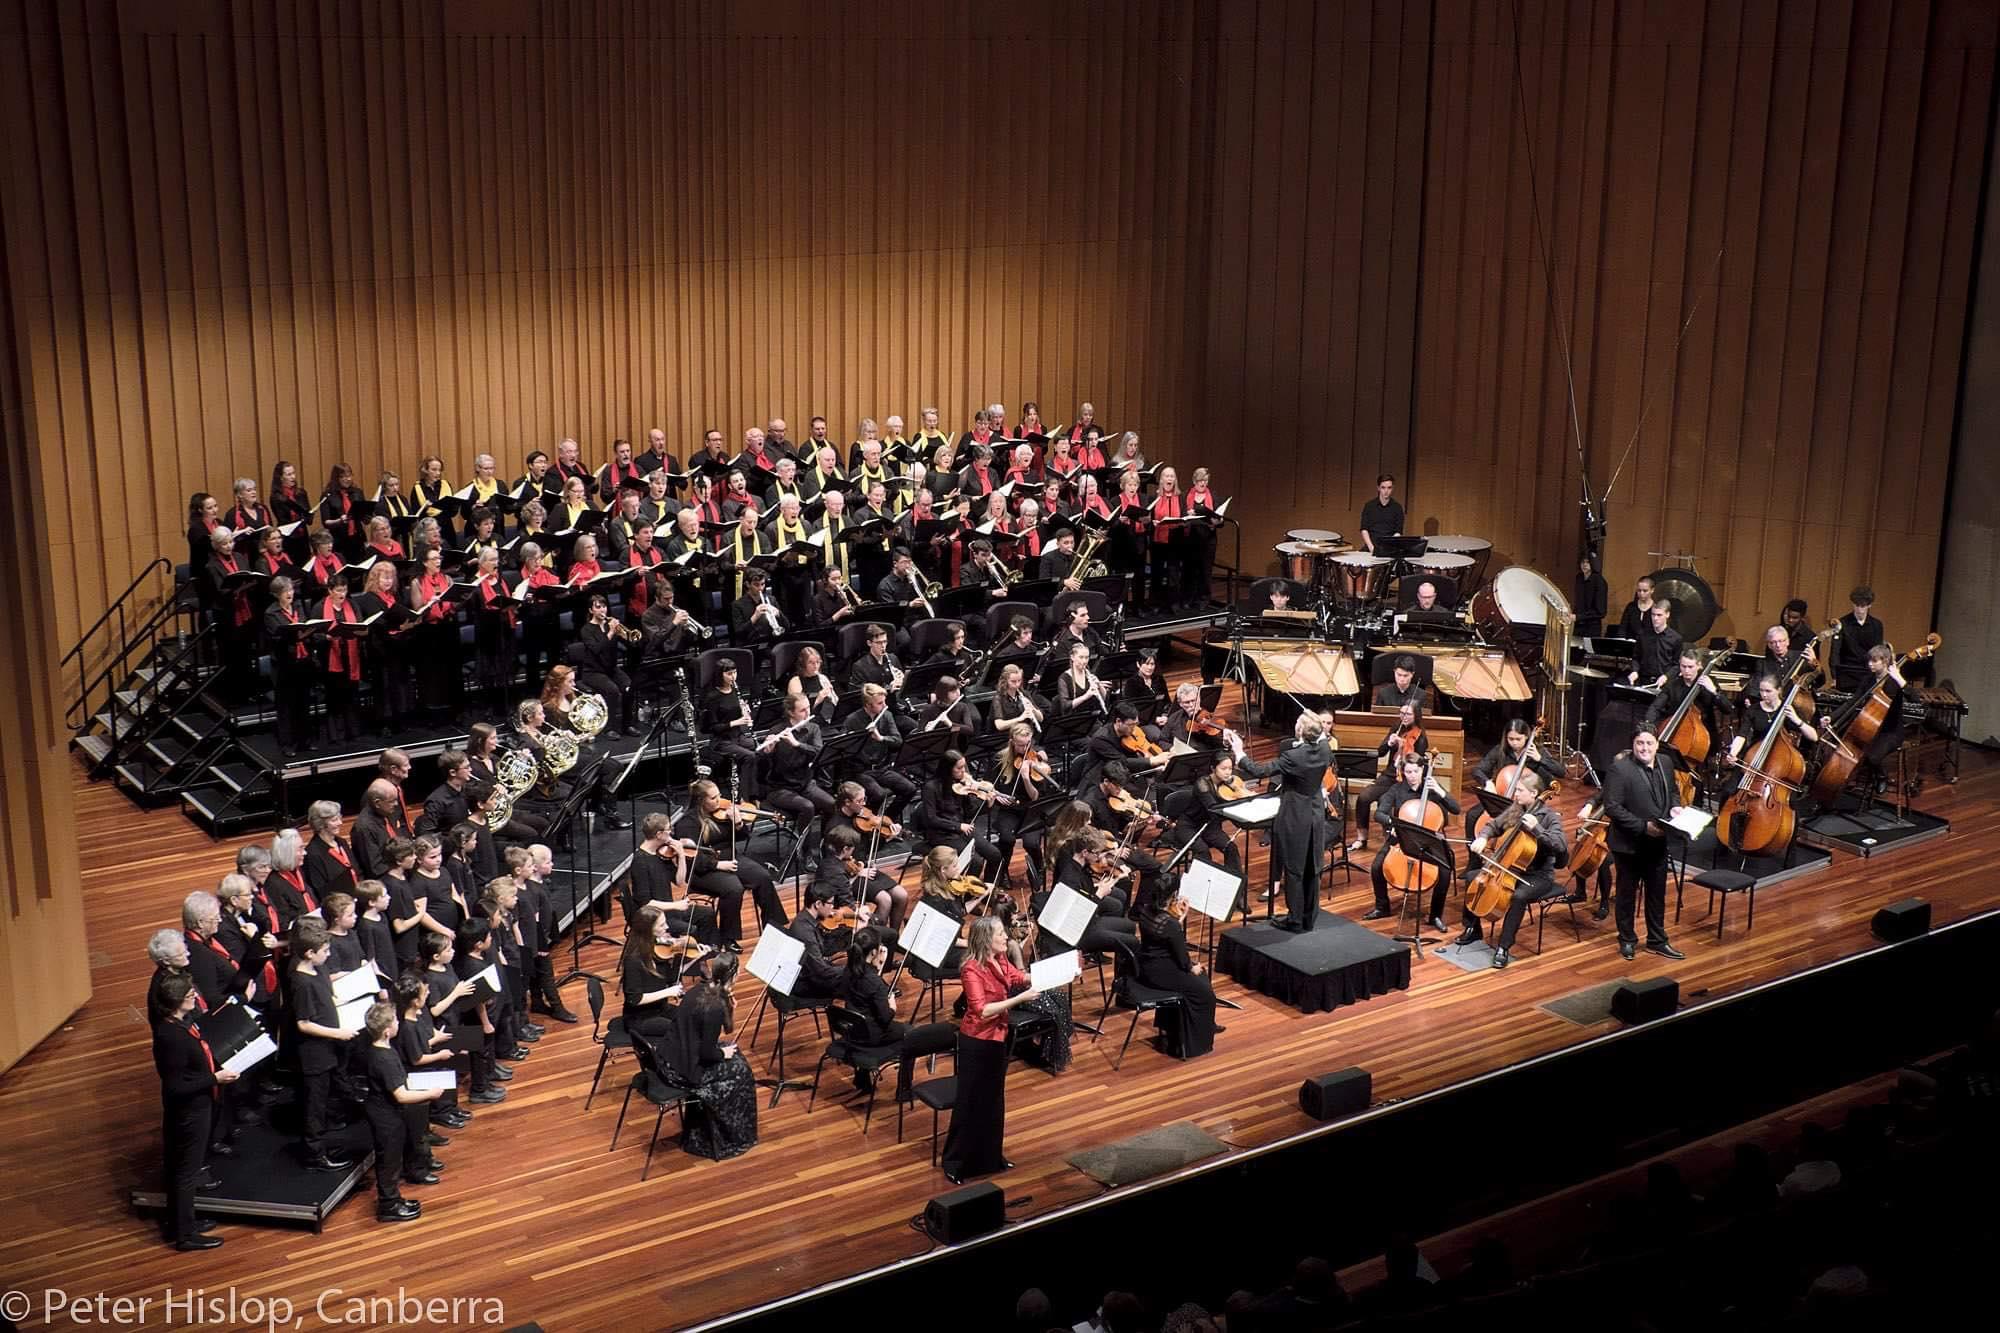 Carmina Burana - Canberra Youth Orchestra